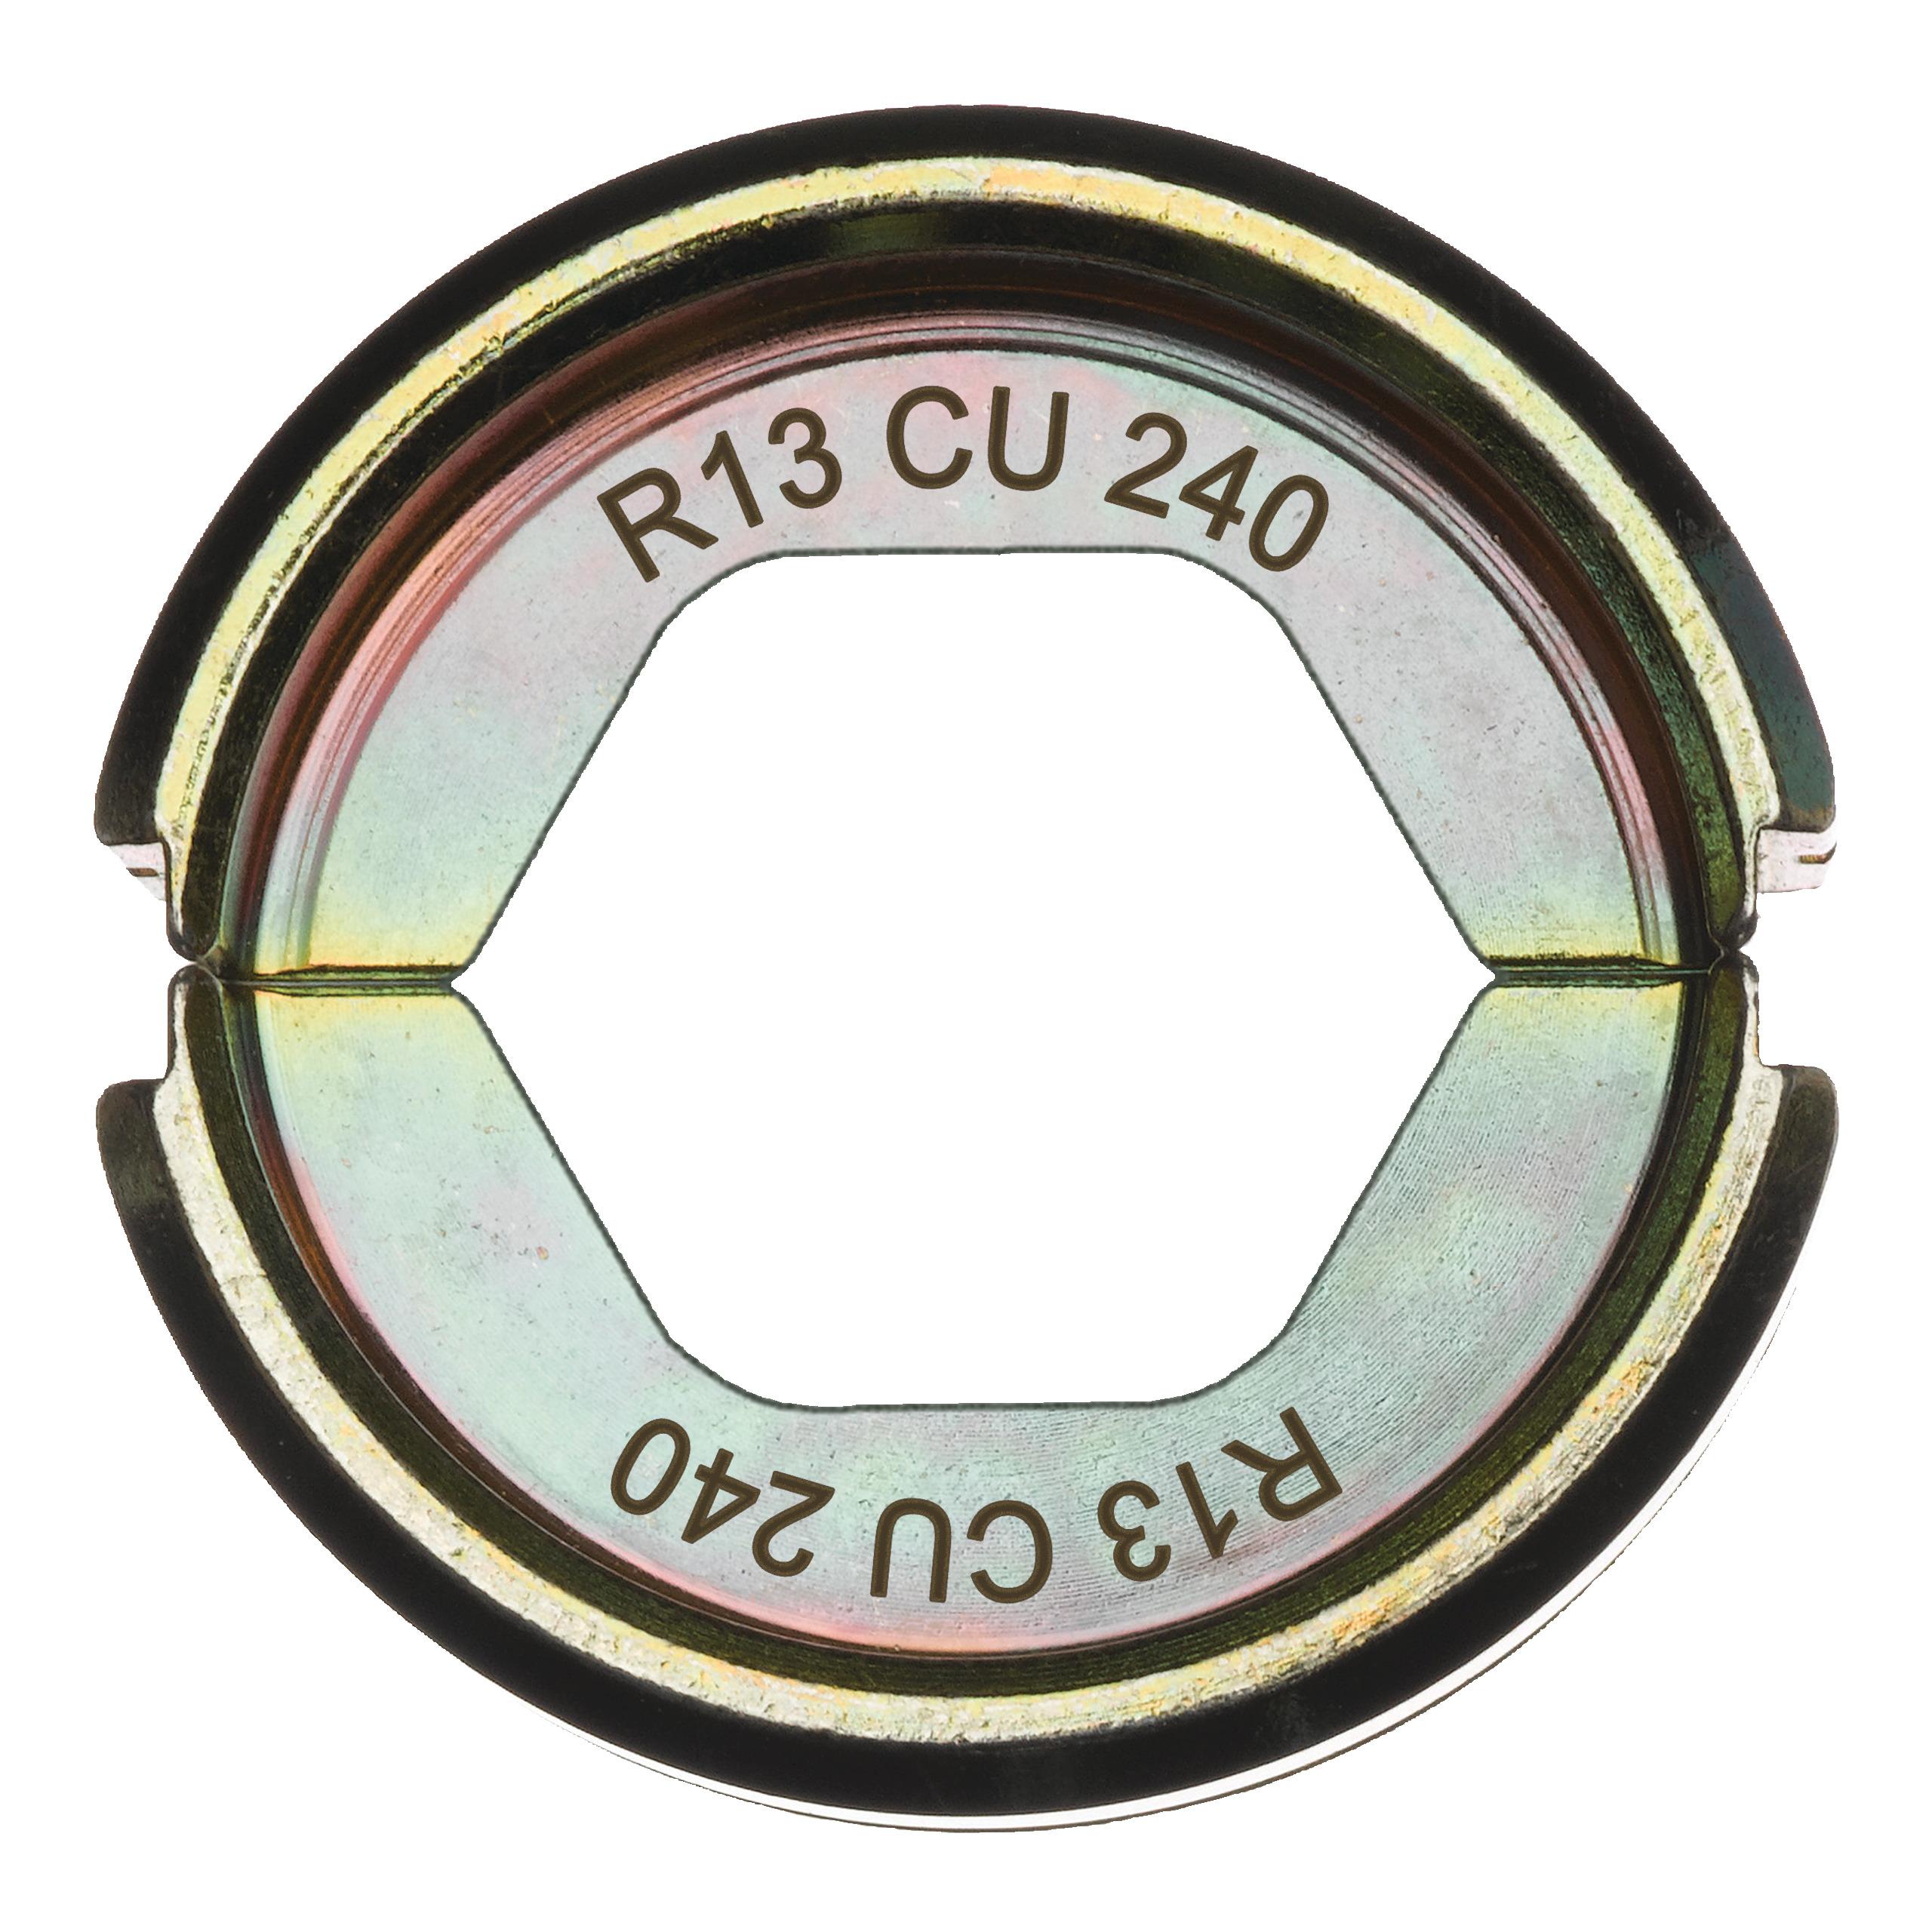 R13 CU 240-1PC Pojistný kroužek